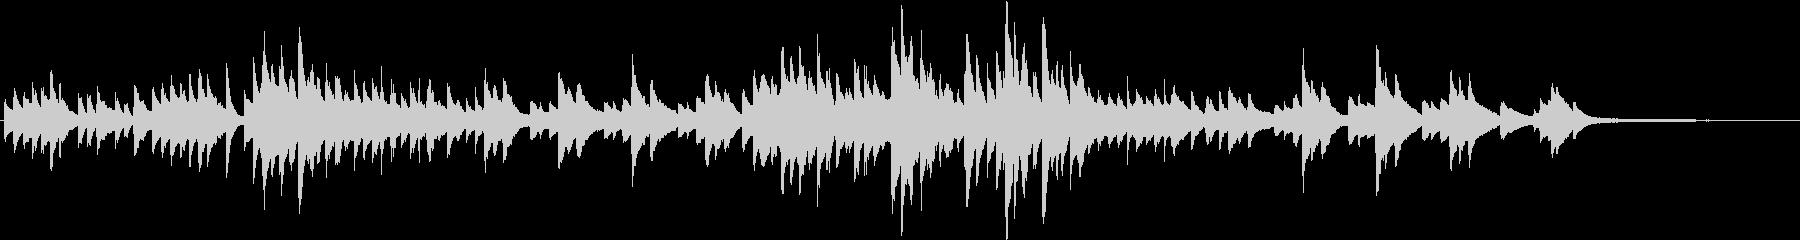 淡々としたピアノBGM(短調)の未再生の波形